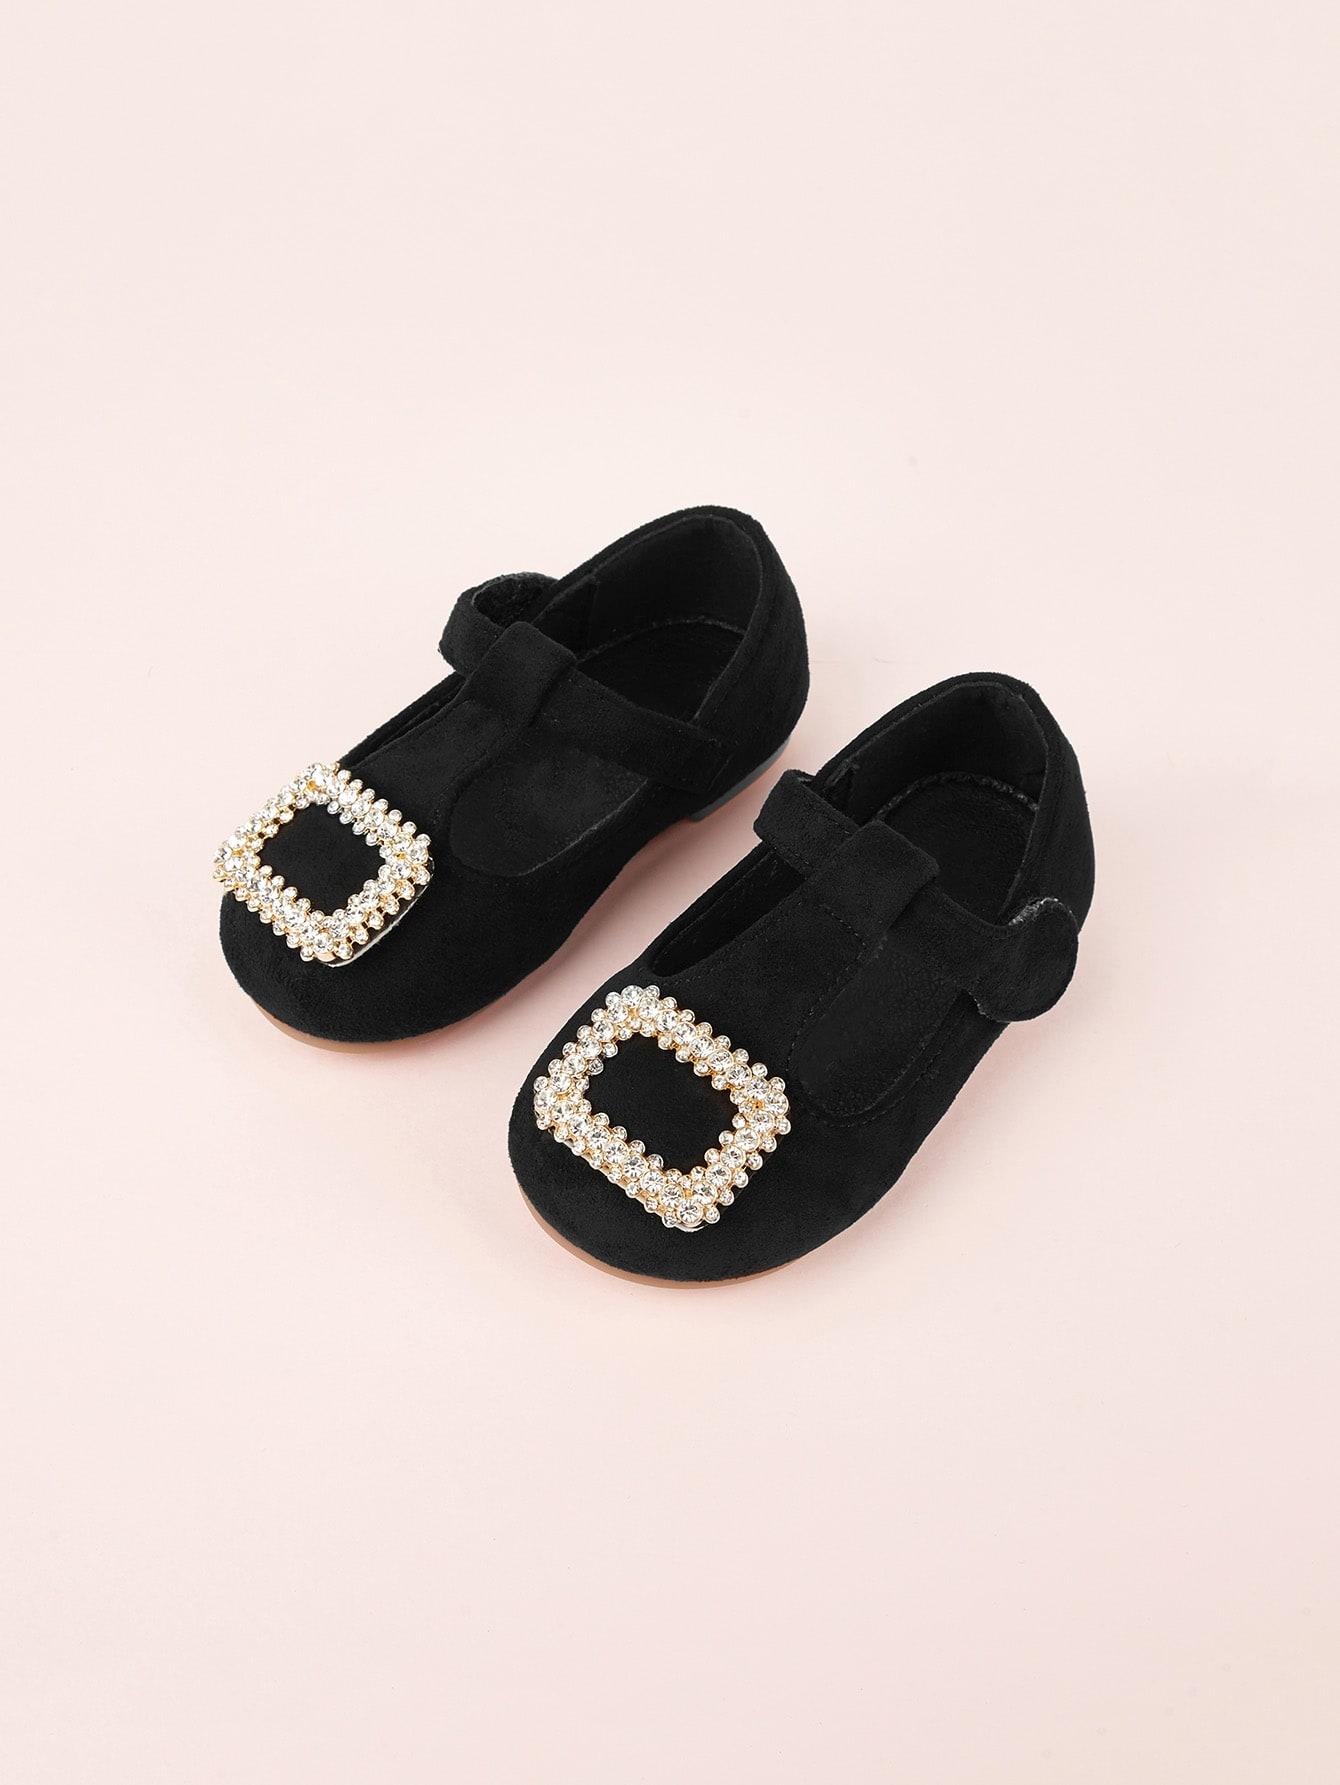 Купить Туфли на плоской подошве с горными хрусталями для маленьких малышей, null, SheIn